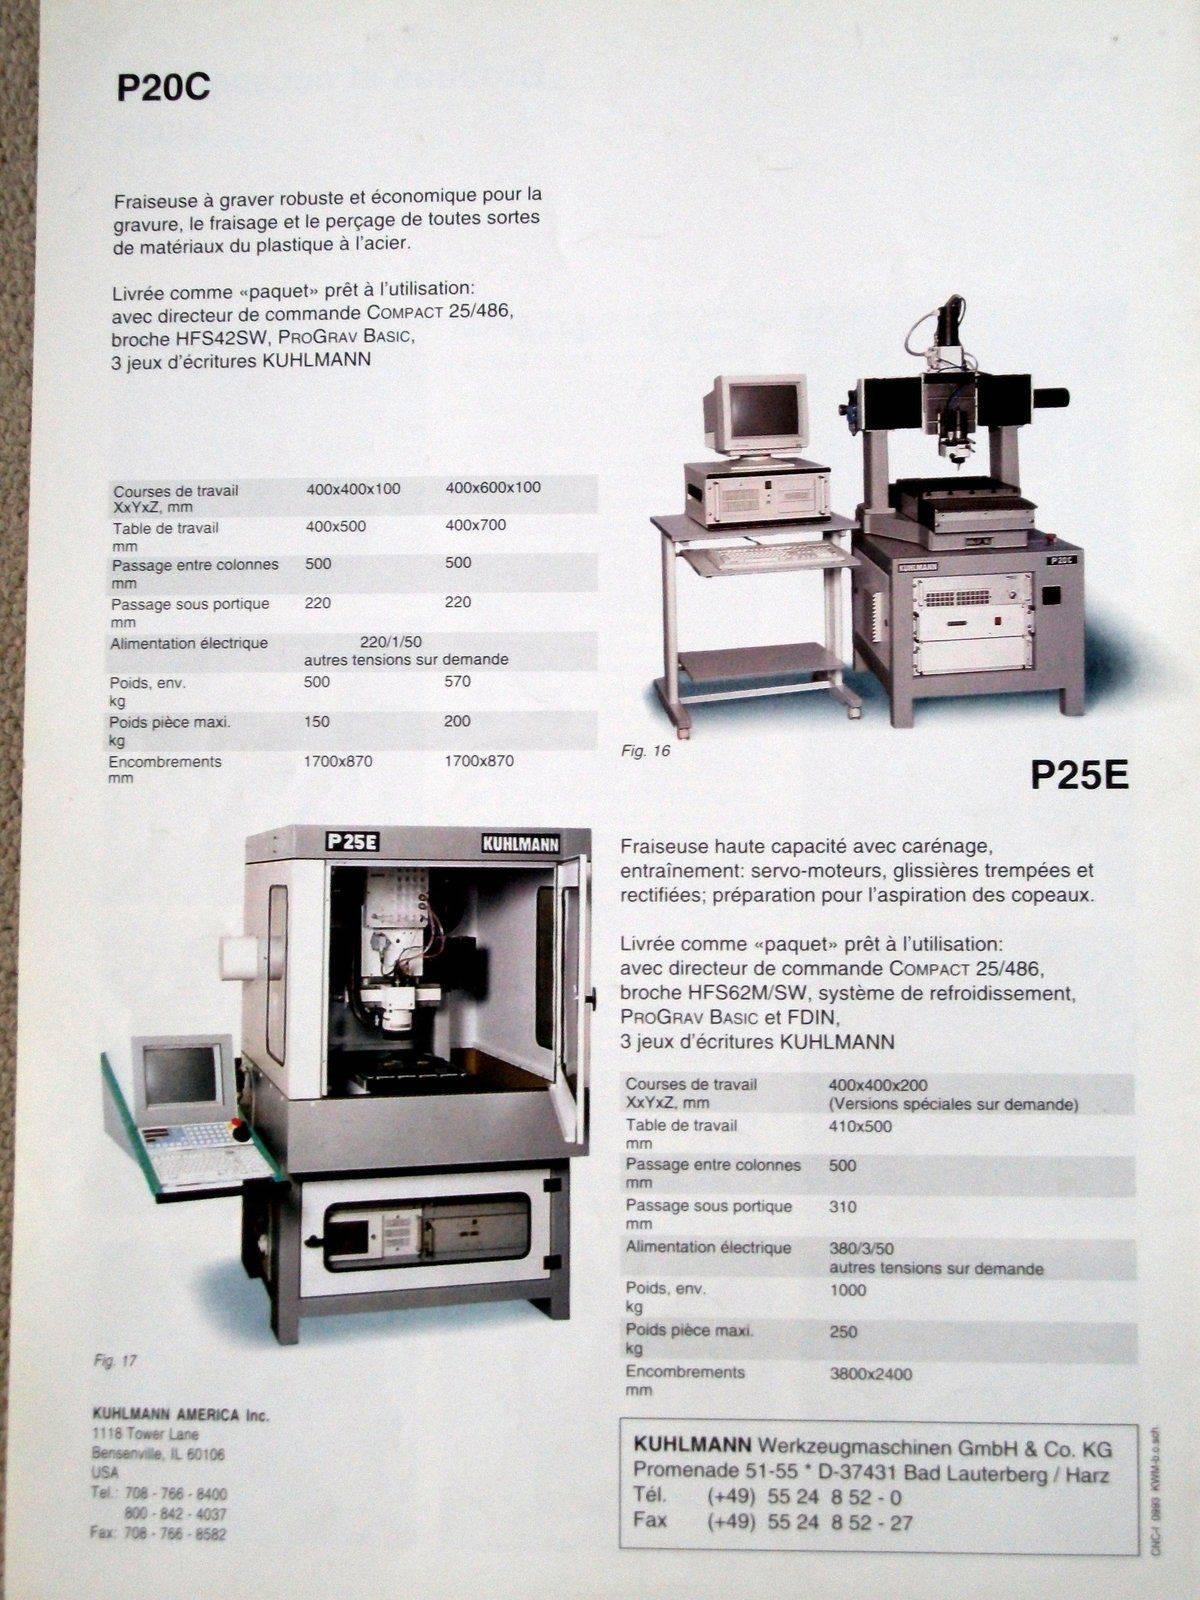 DSCF0286a.JPG